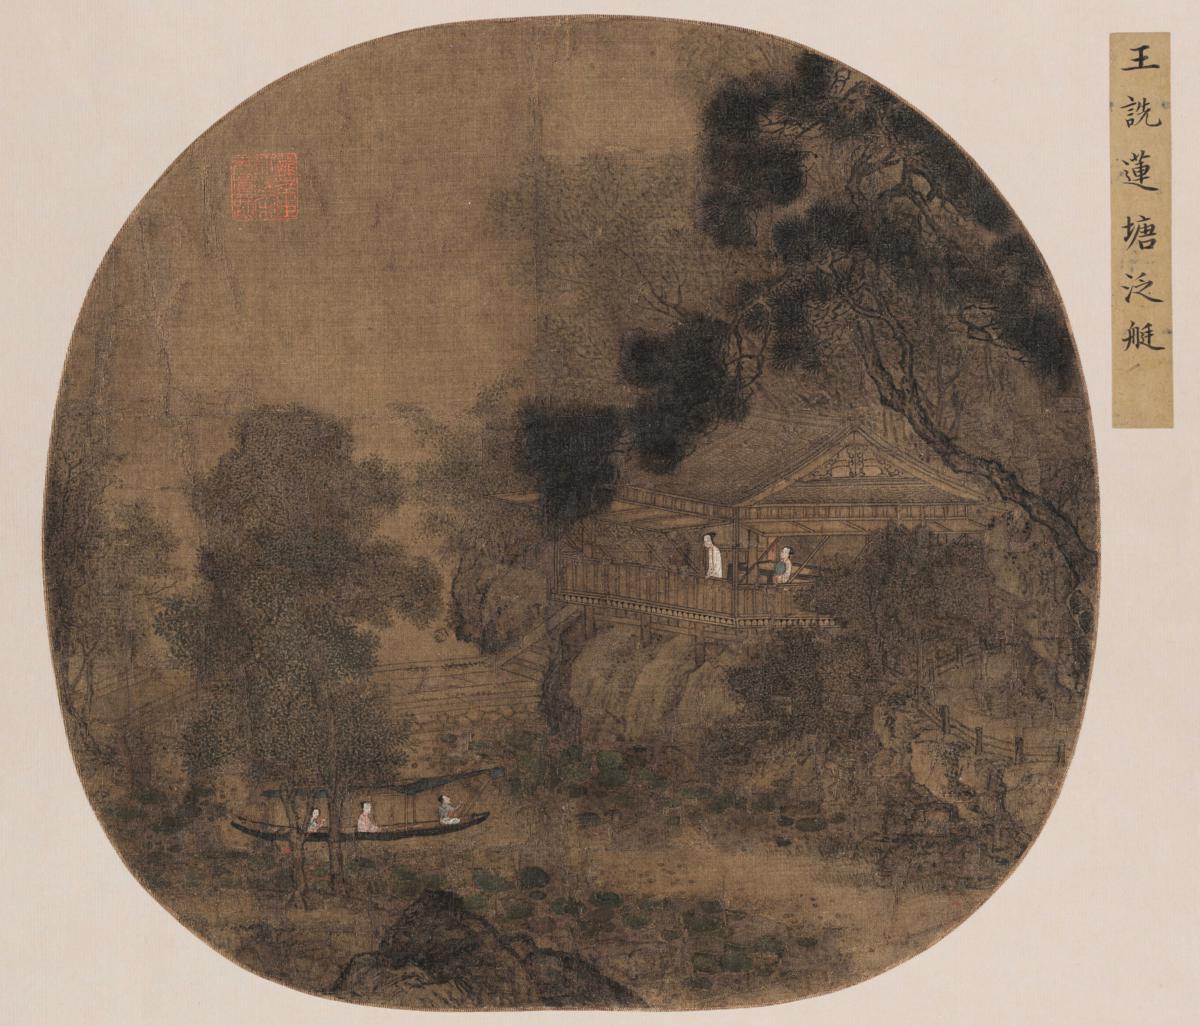 宋 王诜 莲塘泛舟图绢本28X28